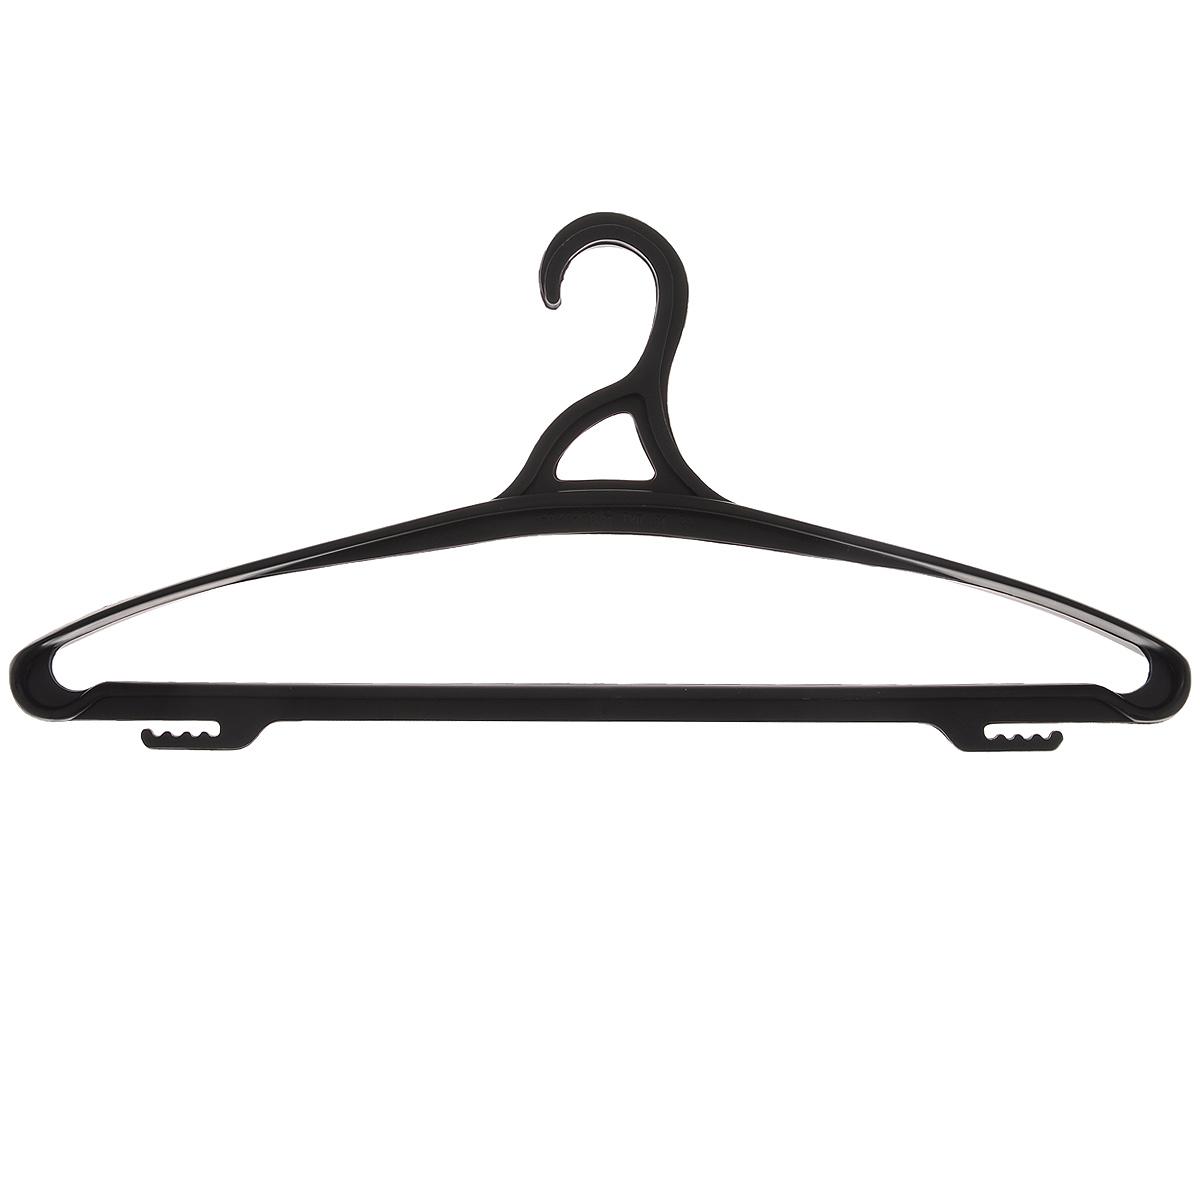 Вешалка для одежды Бытпласт, цвет: черный, размер 48-50UP210DFВешалка для одежды Бытпласт выполнена из прочного пластика.Изделие оснащено перекладиной и боковыми крючками.Вешалка - это незаменимая вещь для того, чтобы ваша одежда всегда оставалась в хорошем состоянии.Размер одежды: 48-50.